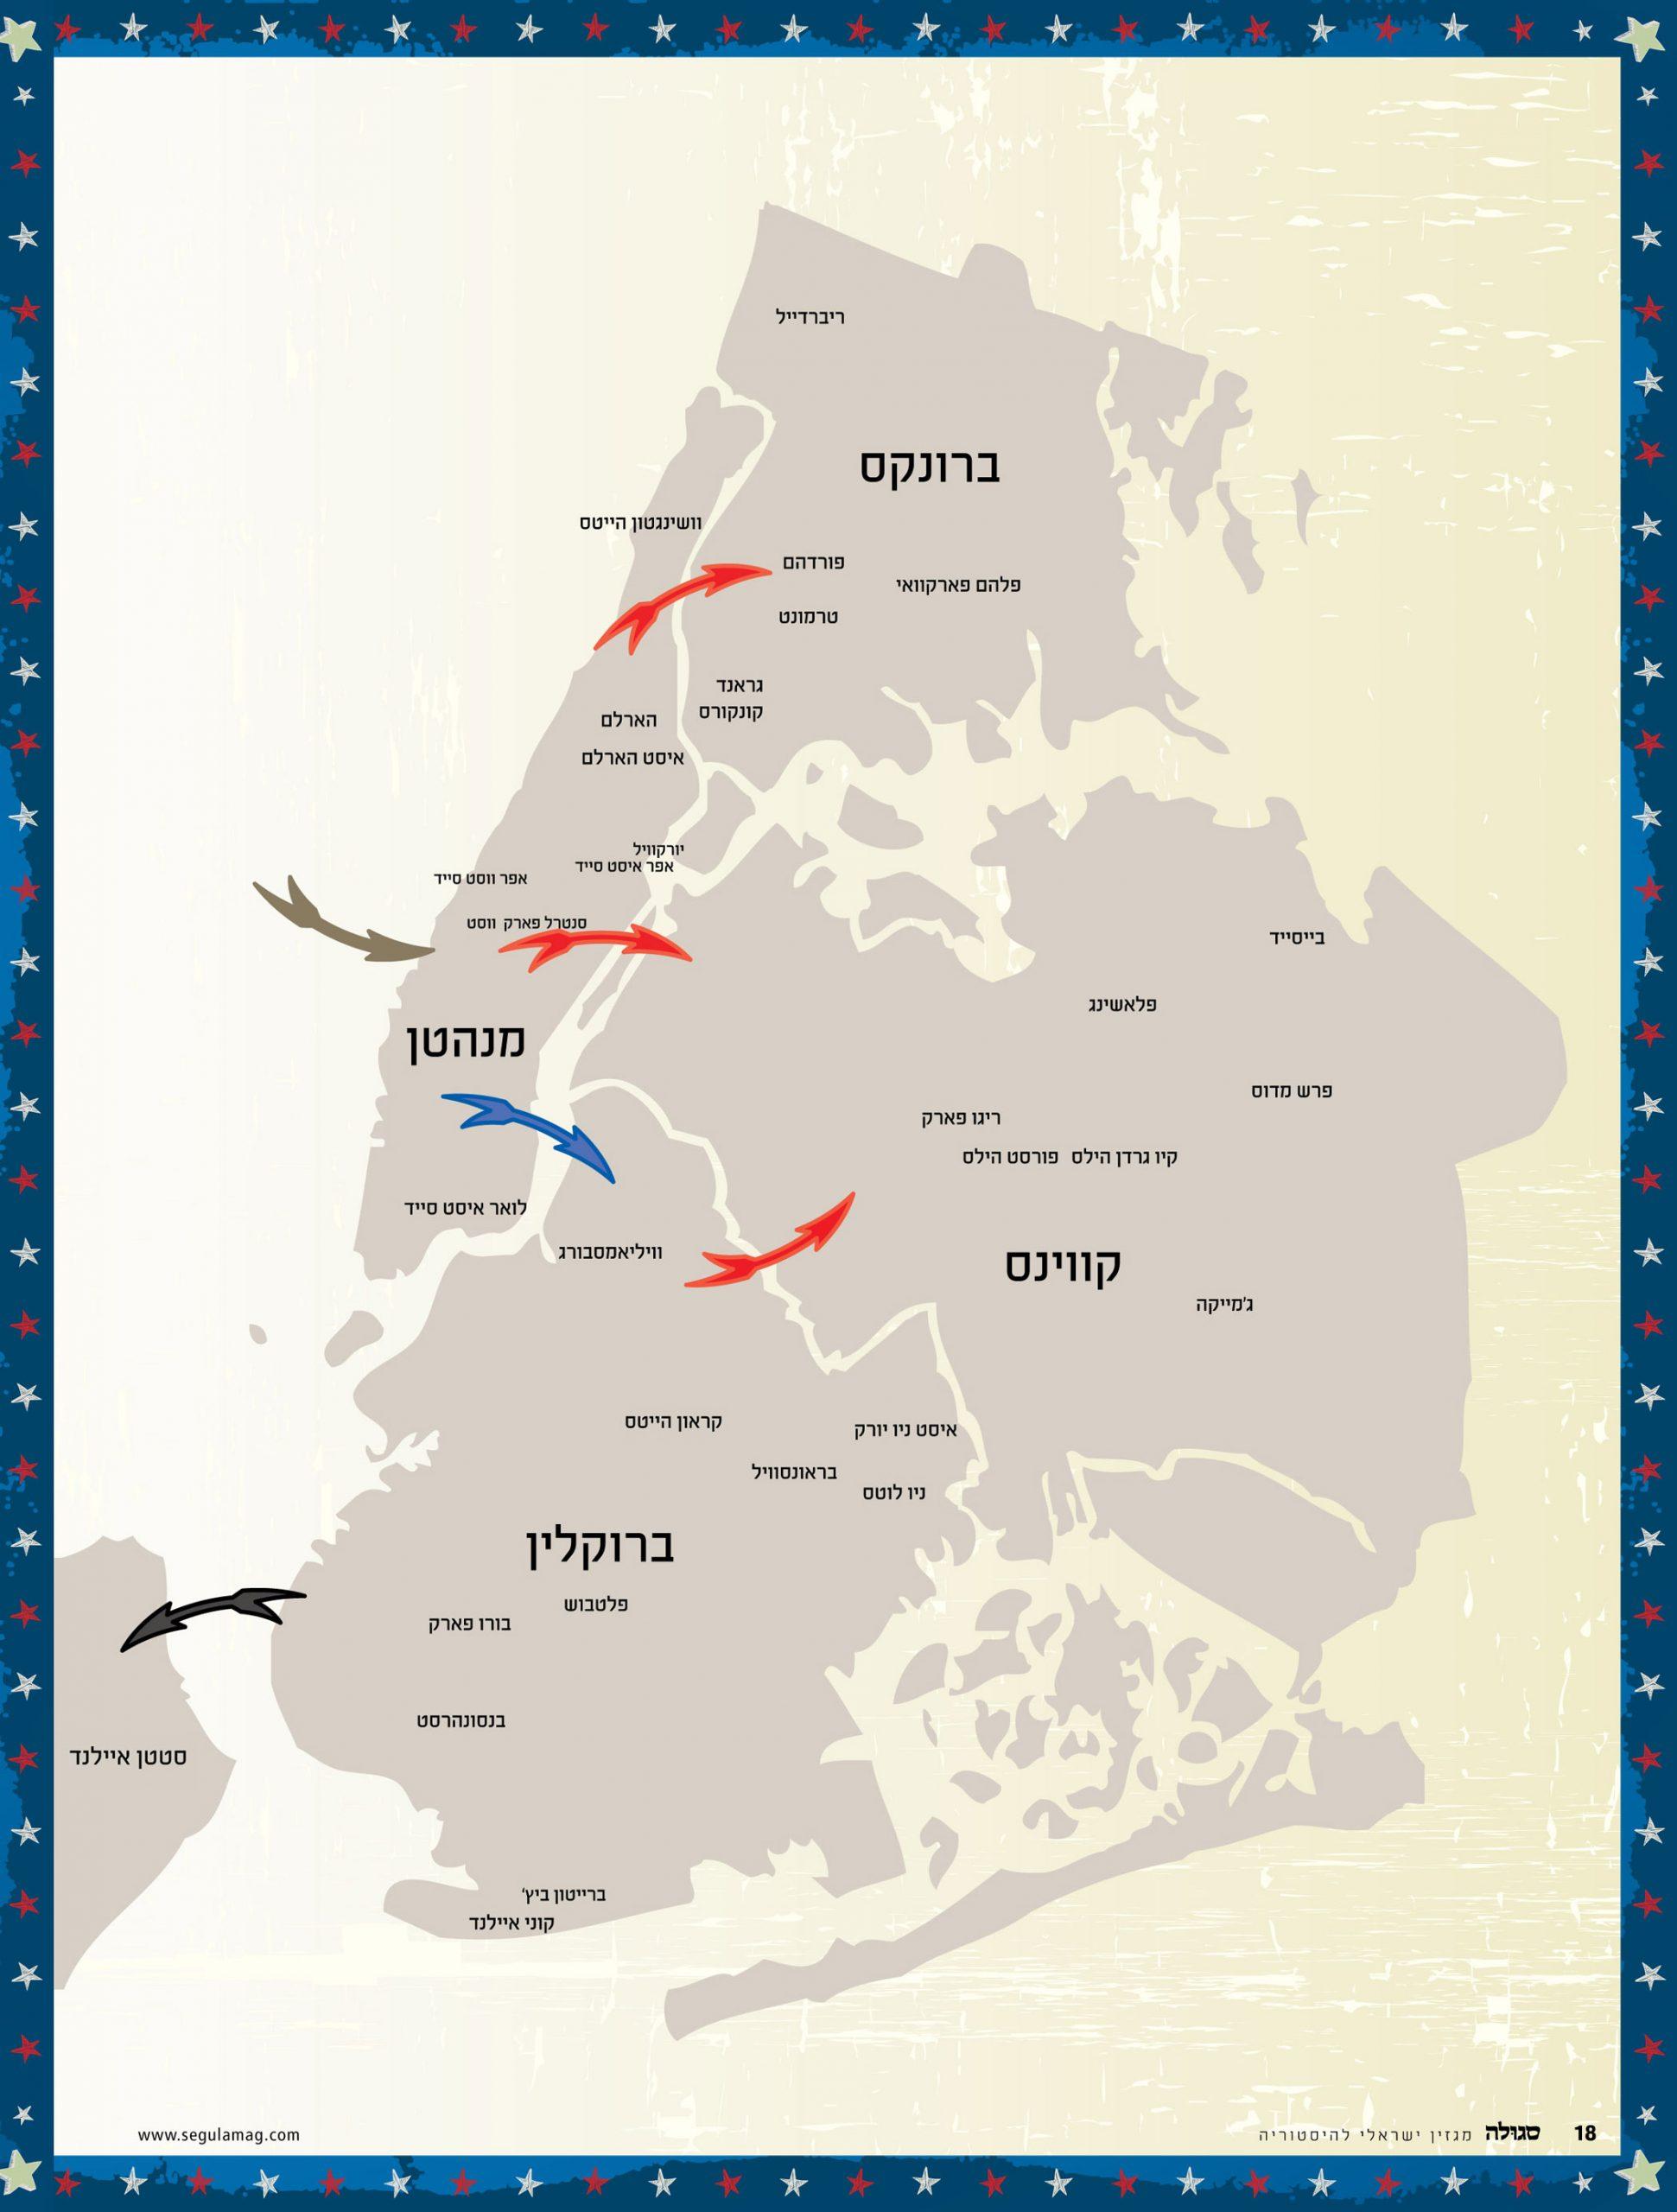 המפה מציינת את התנודות ואת התמורות בשכונות היהודיות המרכזיות של ניו יורק. צבעי החיצים במפה מתאימים לצבעי החיצים בציר הזמן וניתן ללמוד מהם על התנועות העיקריות במקודים היהודיים בעיר. עם זאת חשוב לציין כי ברוב התקופות היו היהודים שחיו בכל רחבי ניו יורק